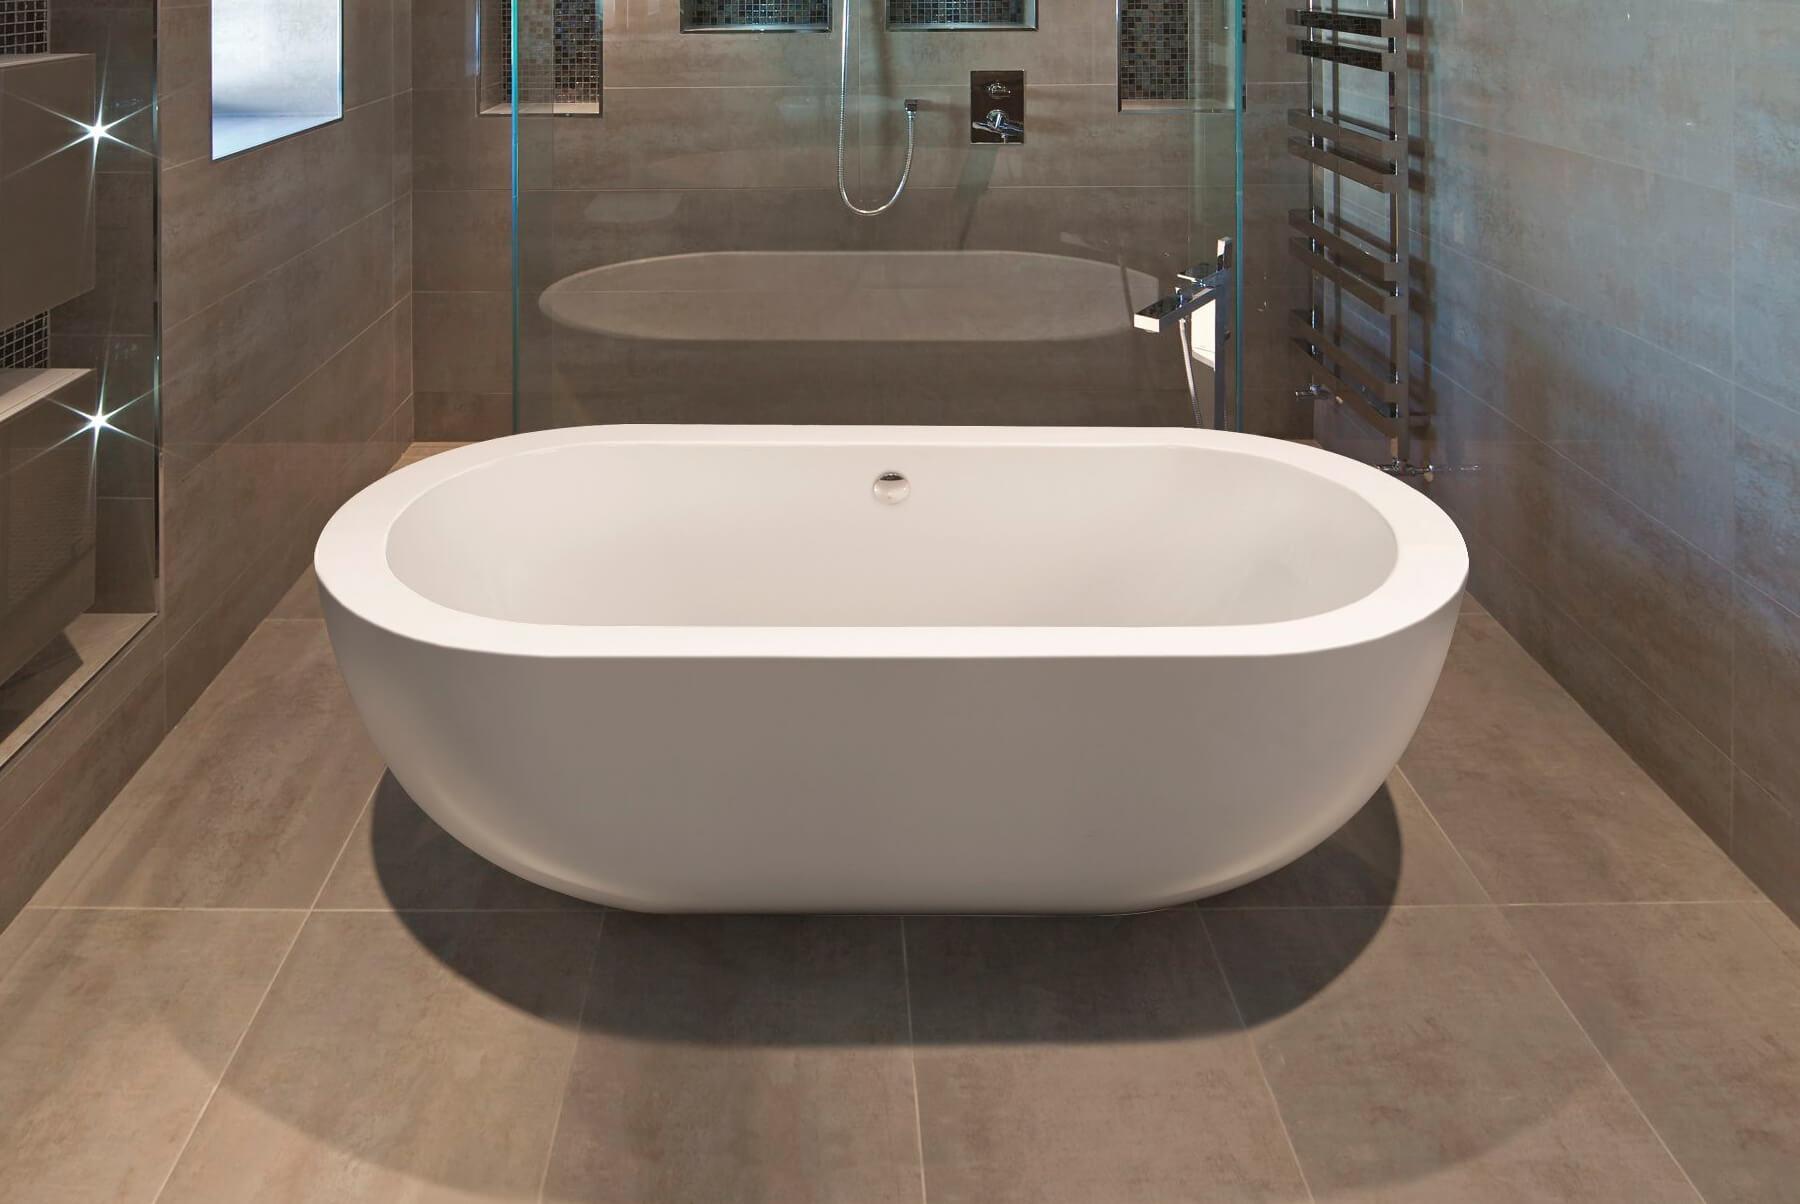 Bath-Tubs-OVALI-BATH-TUB-2-1800x1204